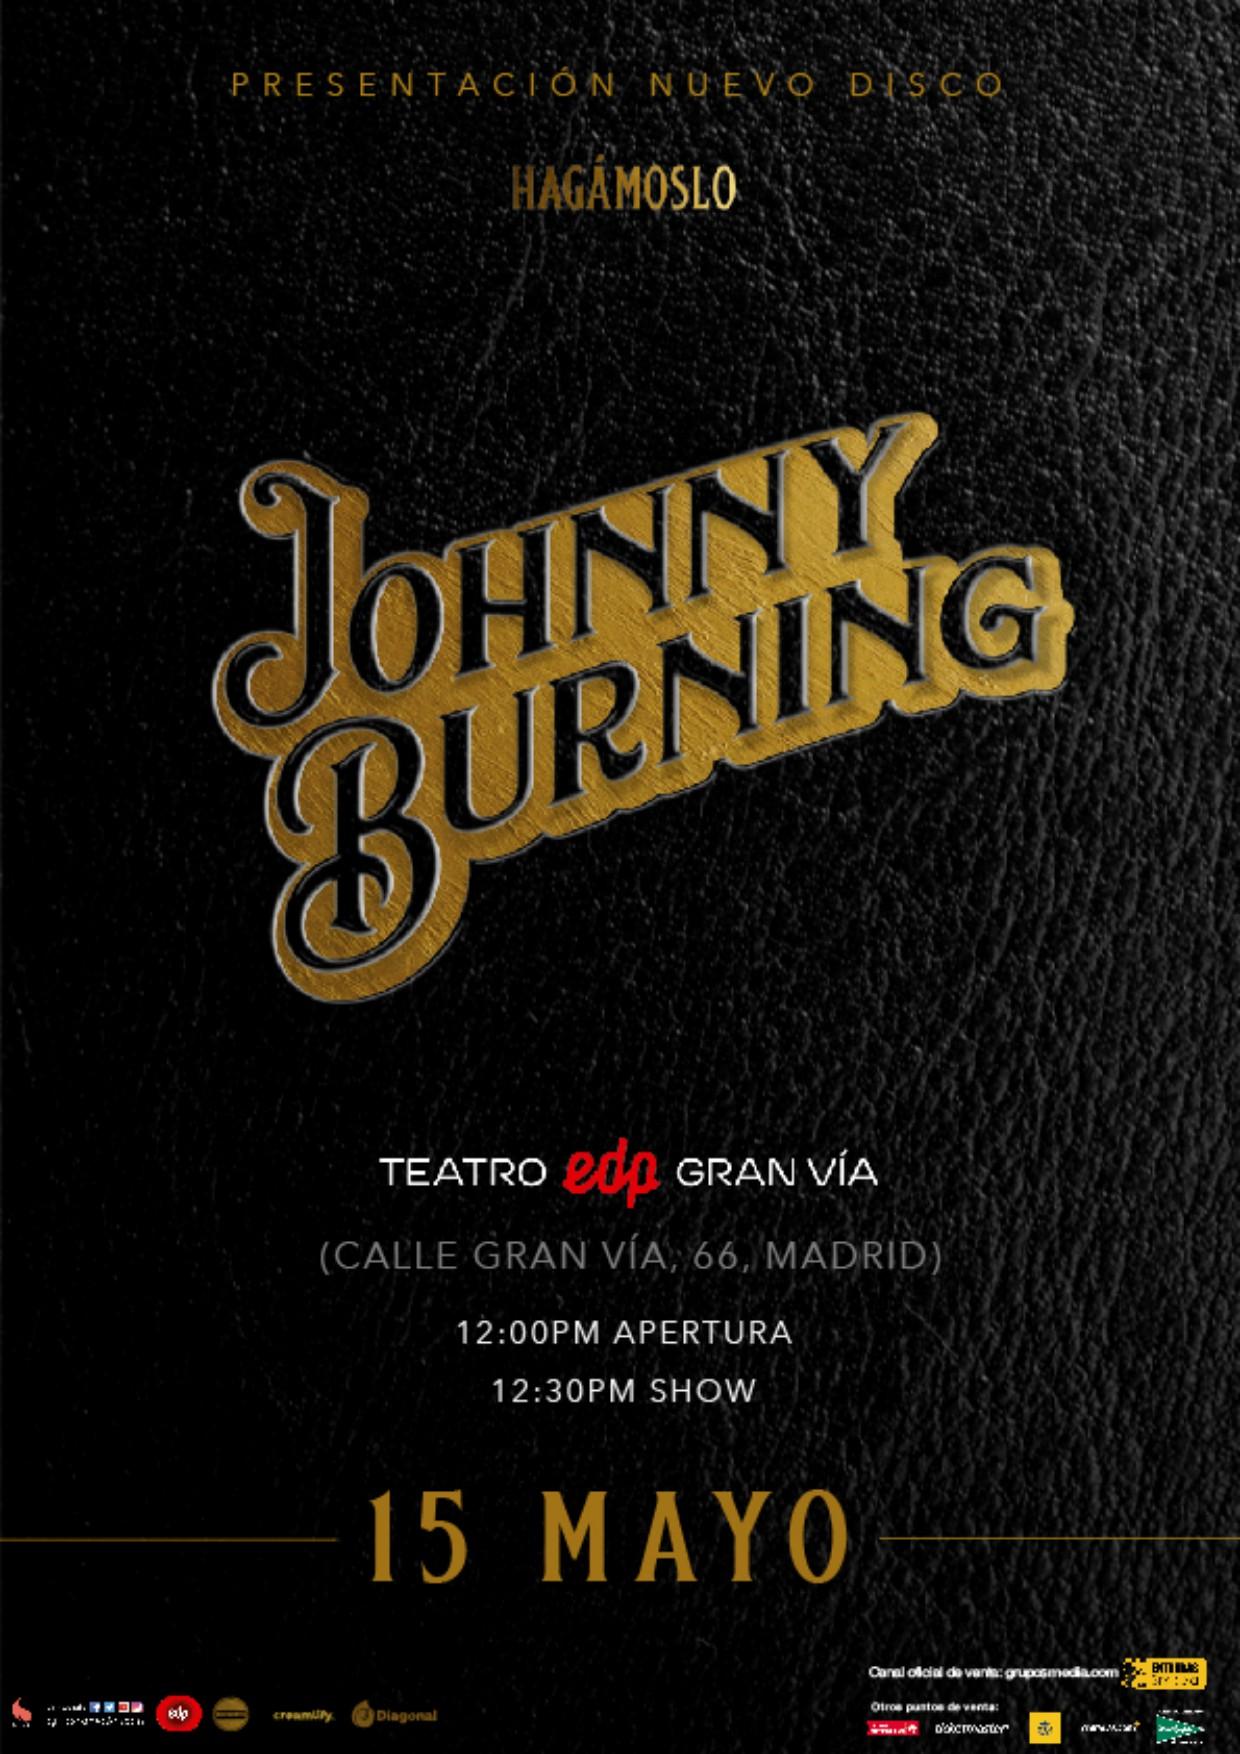 Johnny Burning en concierto - Grupo Smedia